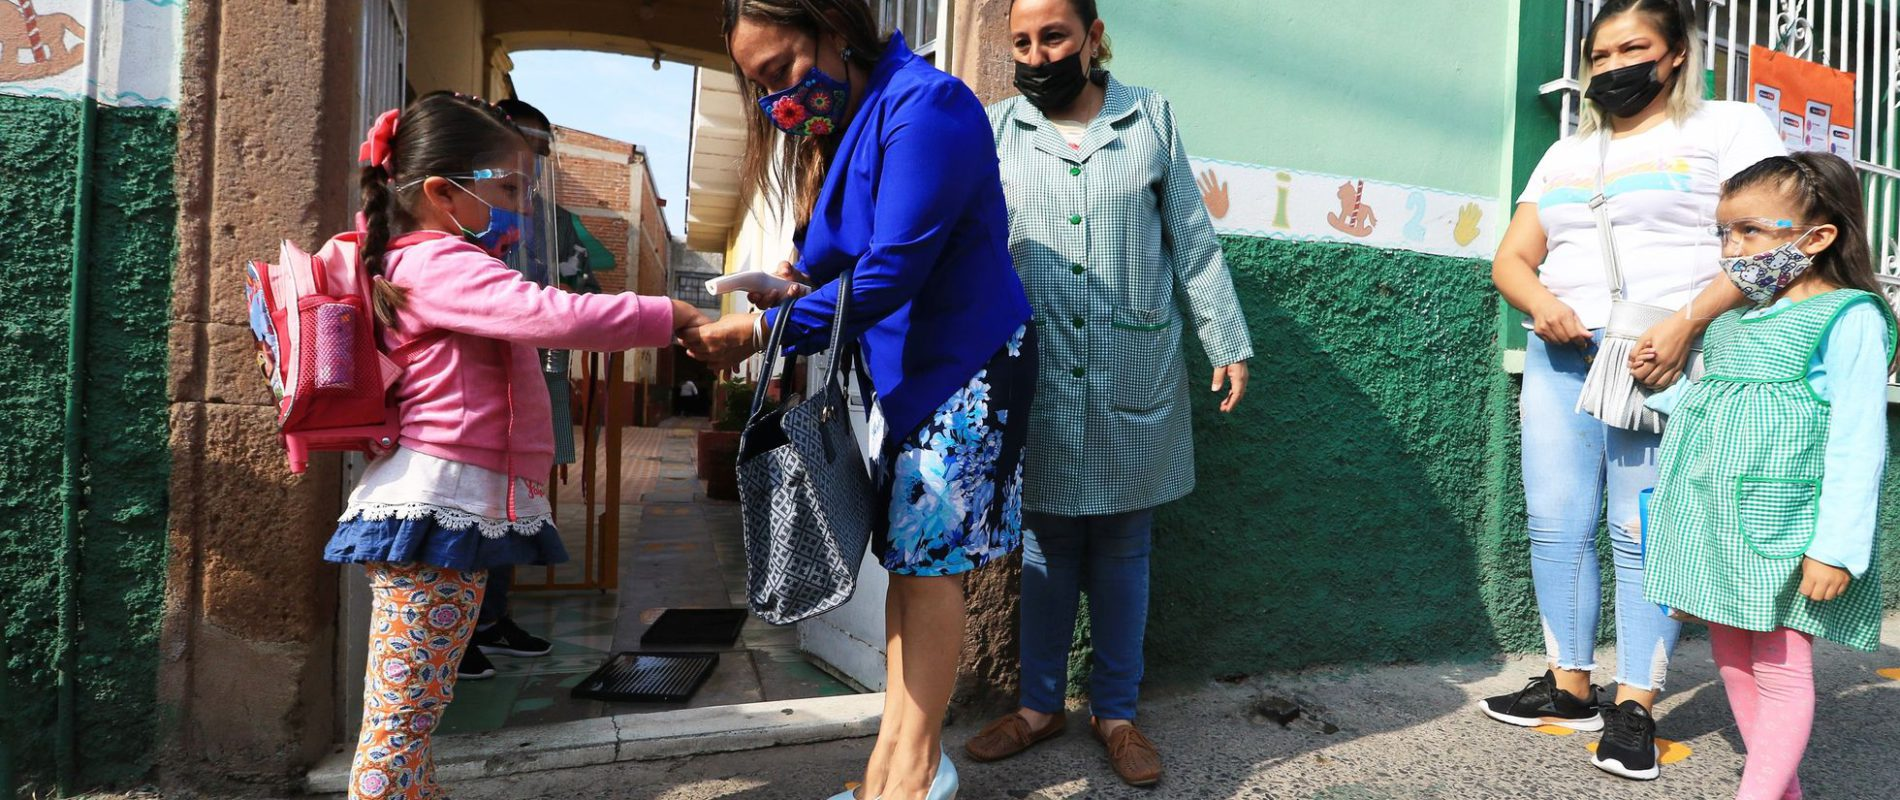 Tras regreso a clases, COVID enferma a 16 maestros en Monclova y la Región Centro